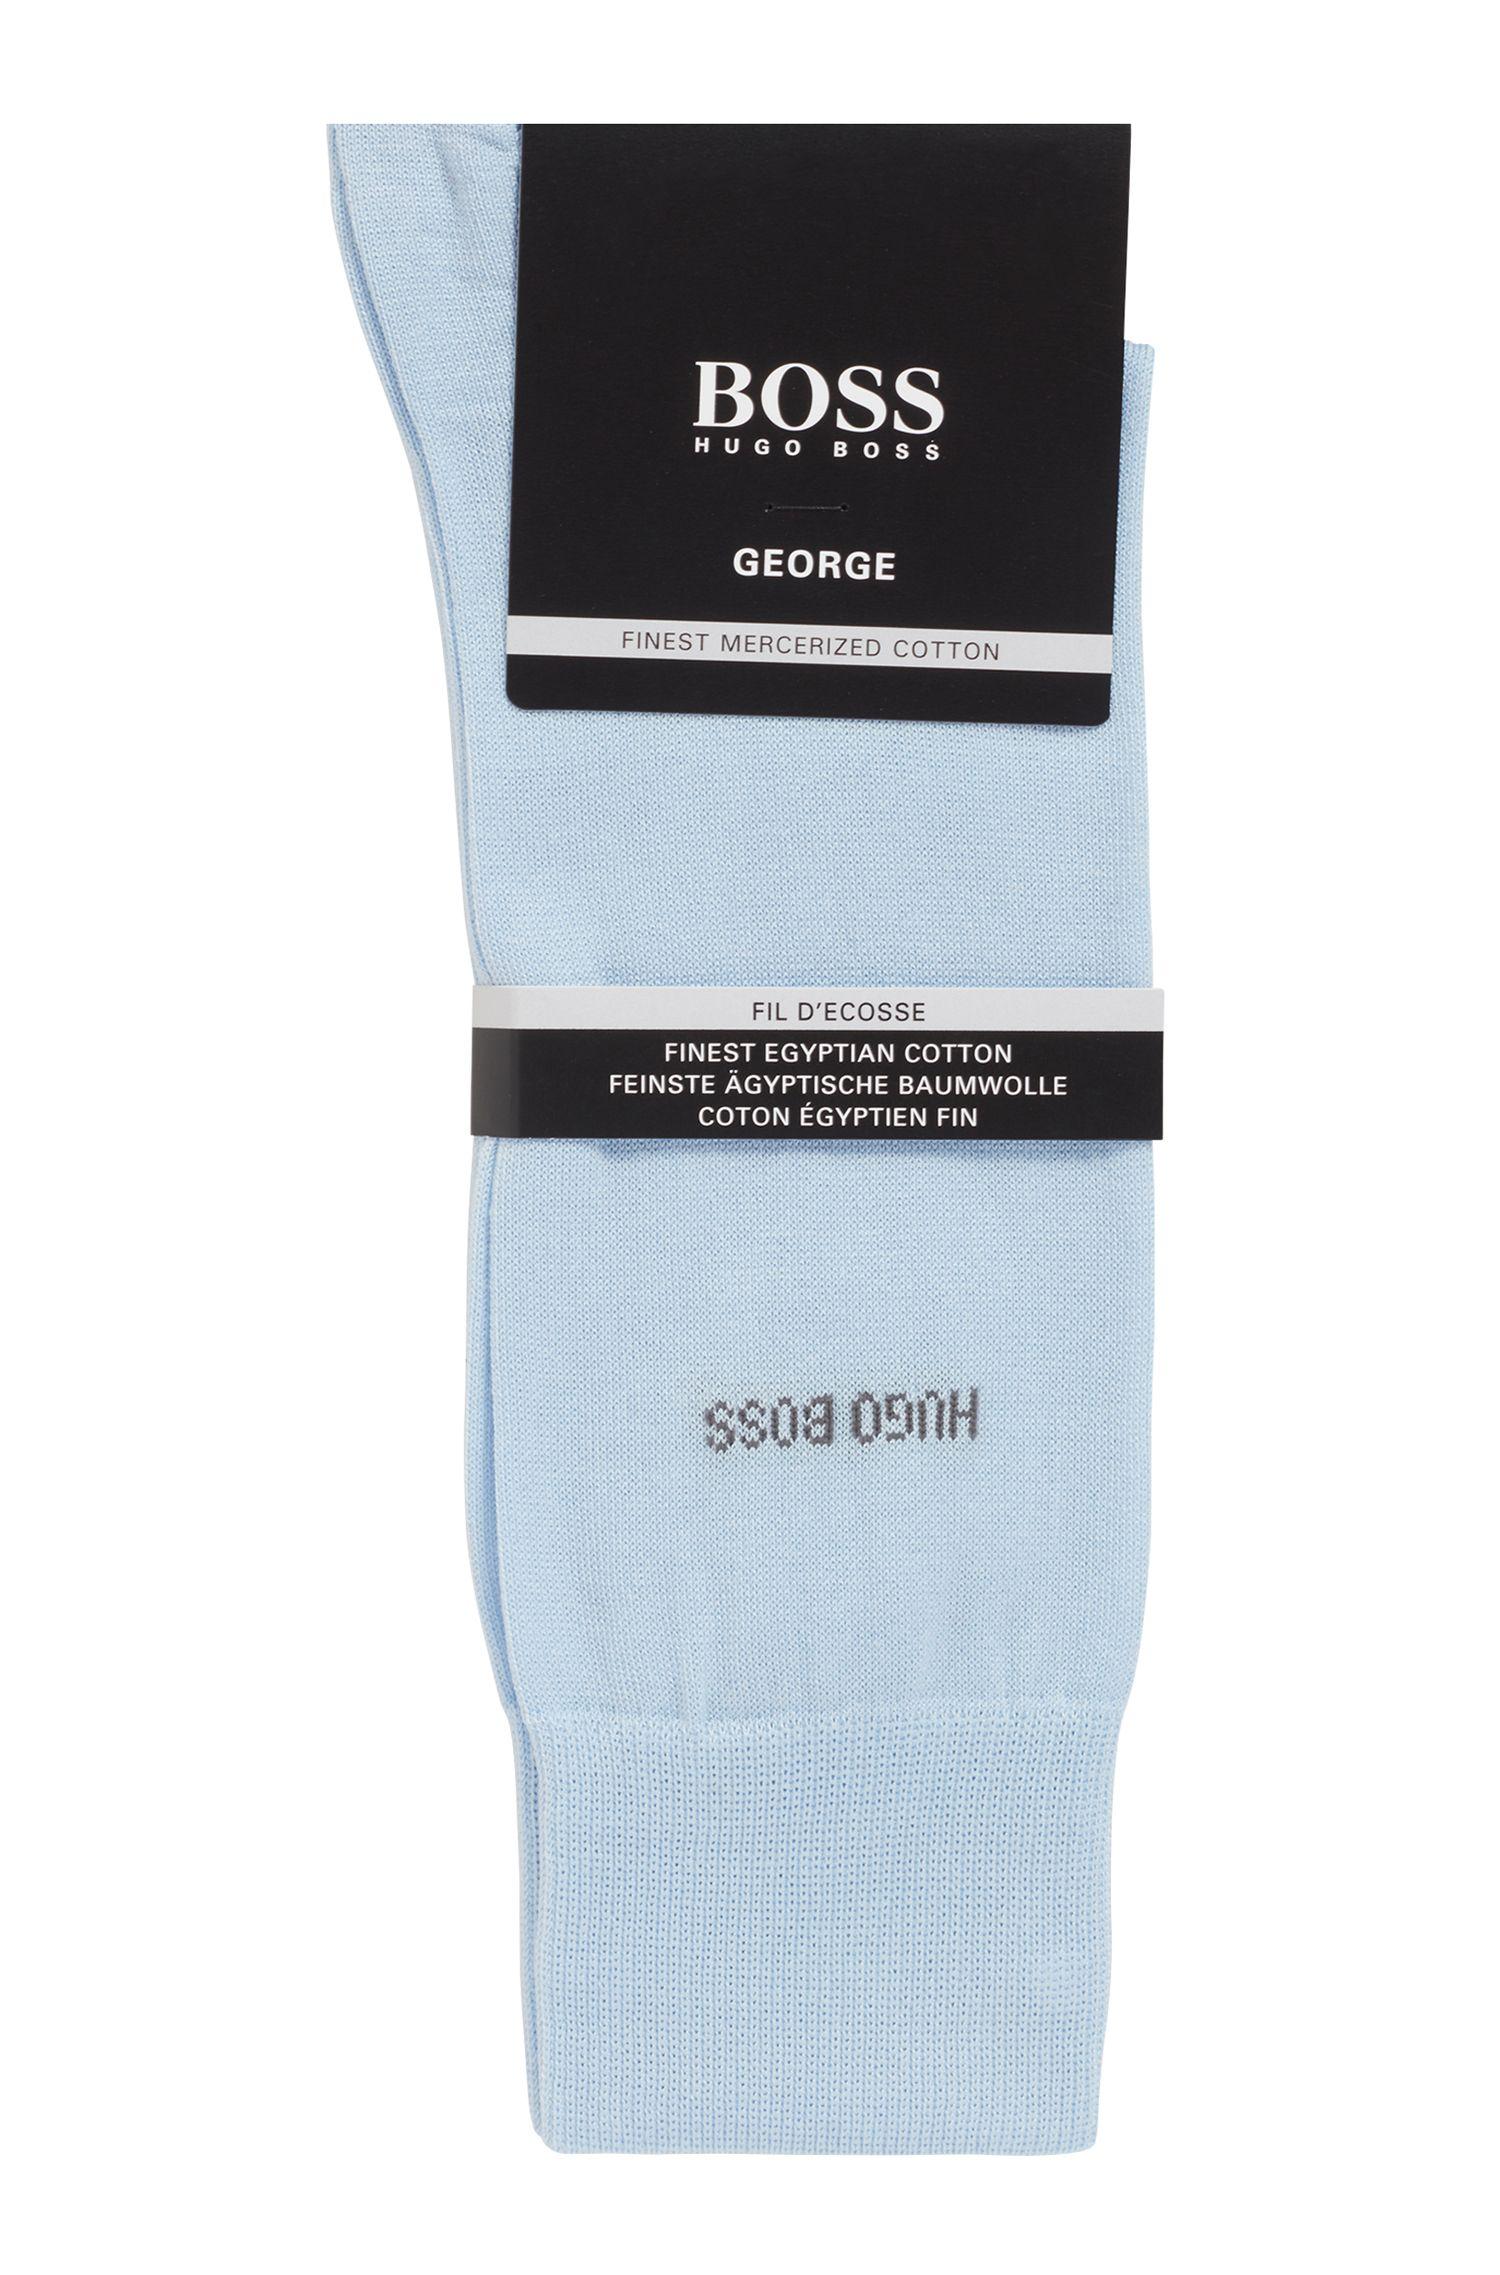 Mittelhohe Socken aus merzerisierter Baumwolle mit Kontrast-Logo, Hellblau